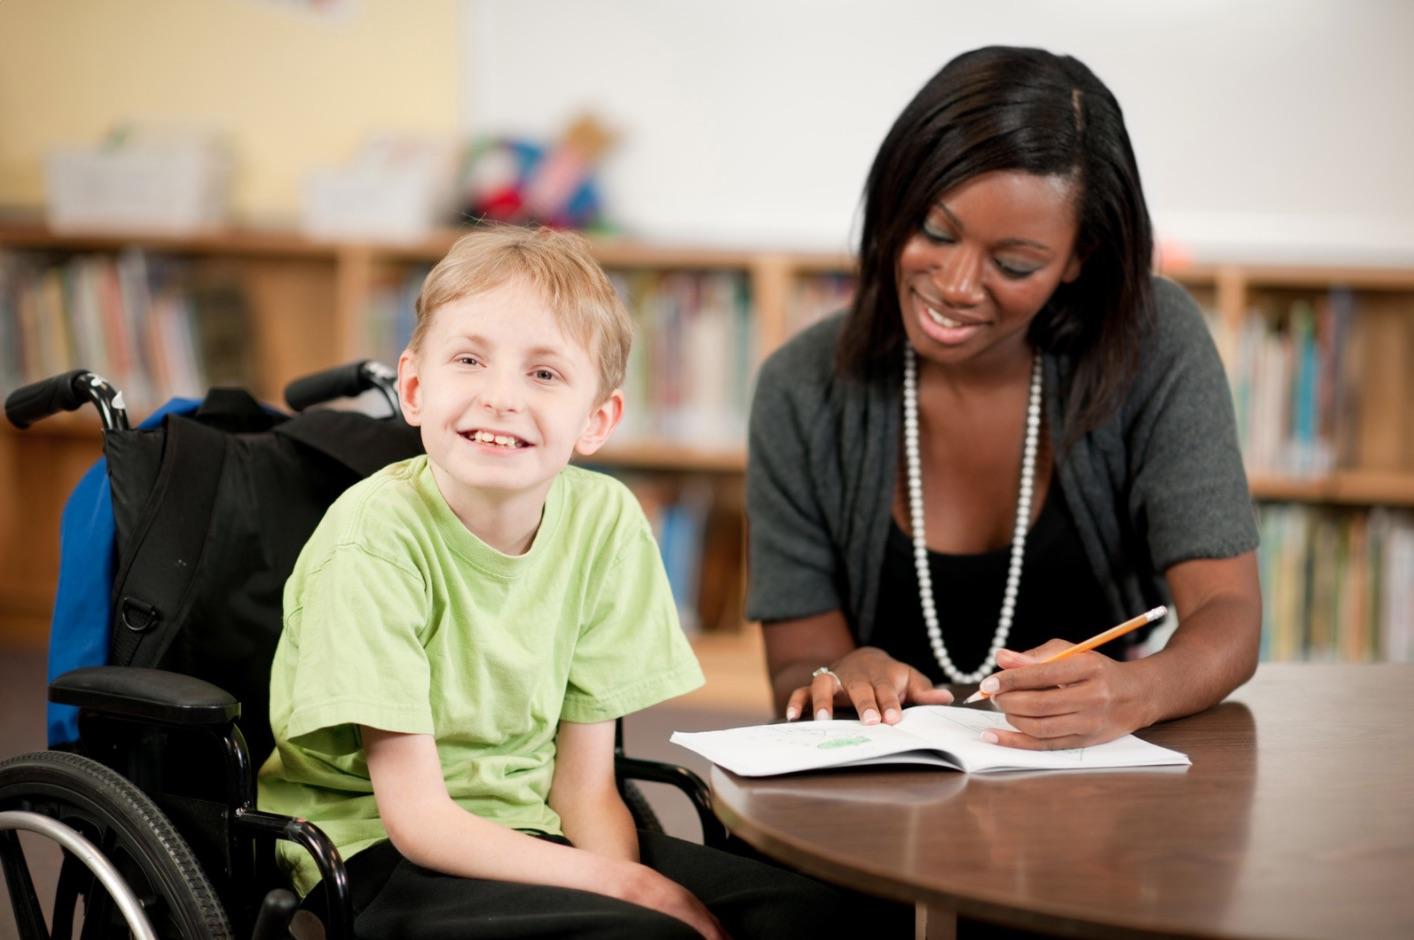 Specialiųjų poreikių vaikų priežiūra - ar sugebėtumėte?